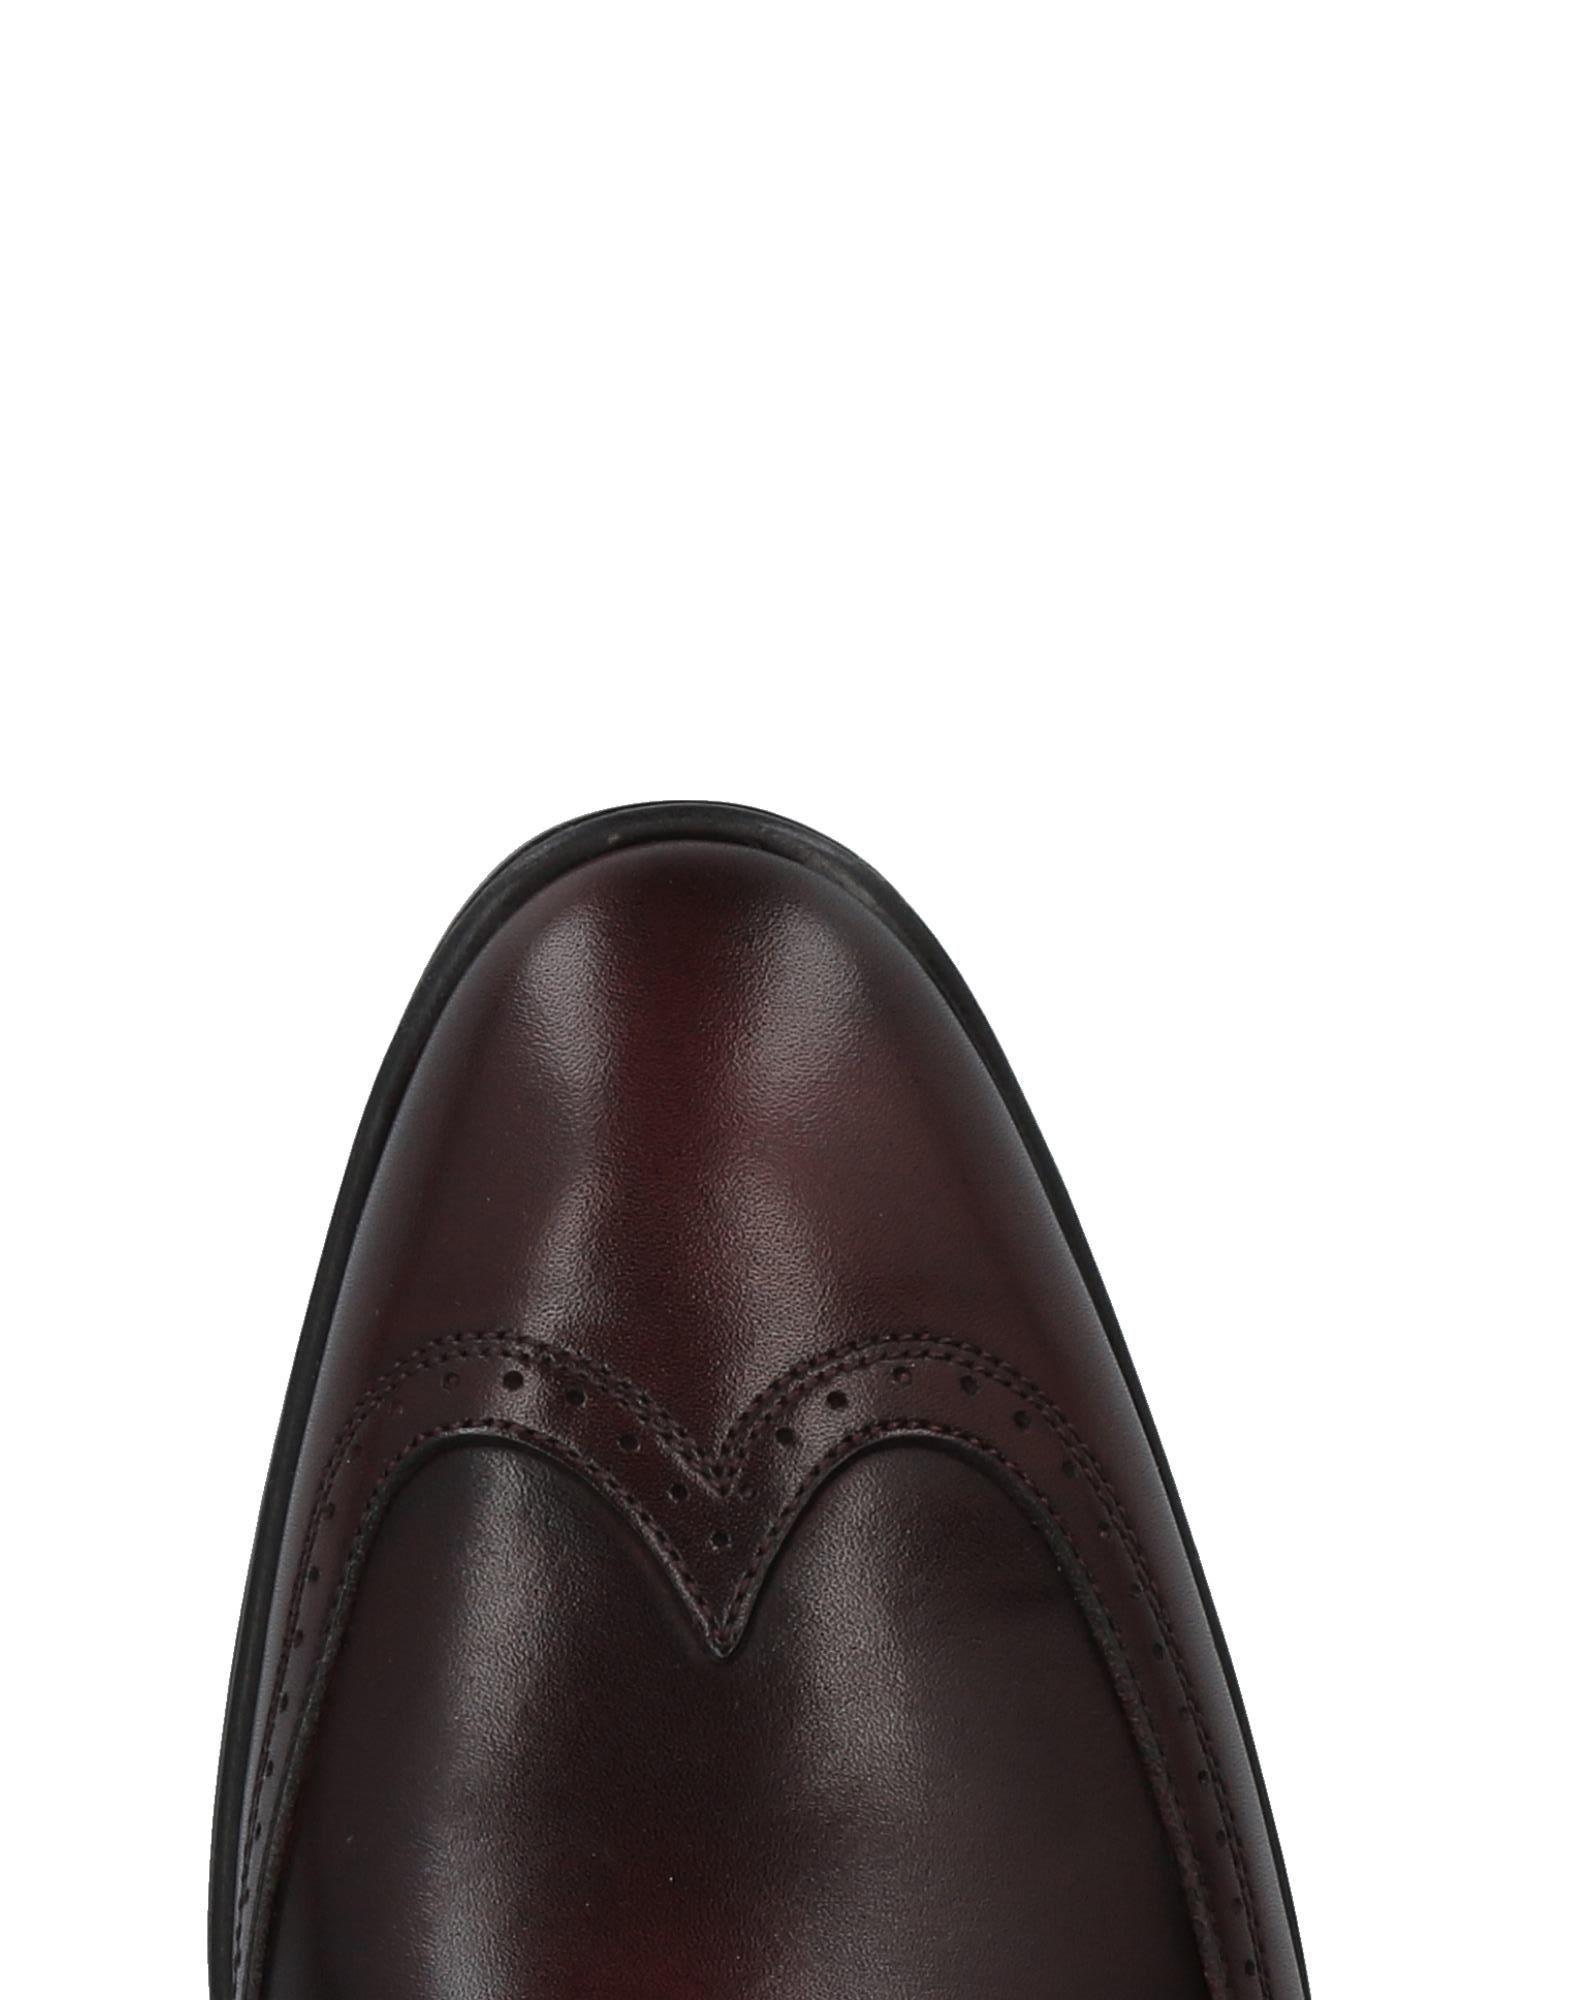 Pollini Gute Mokassins Herren  11447441EJ Gute Pollini Qualität beliebte Schuhe 06870a